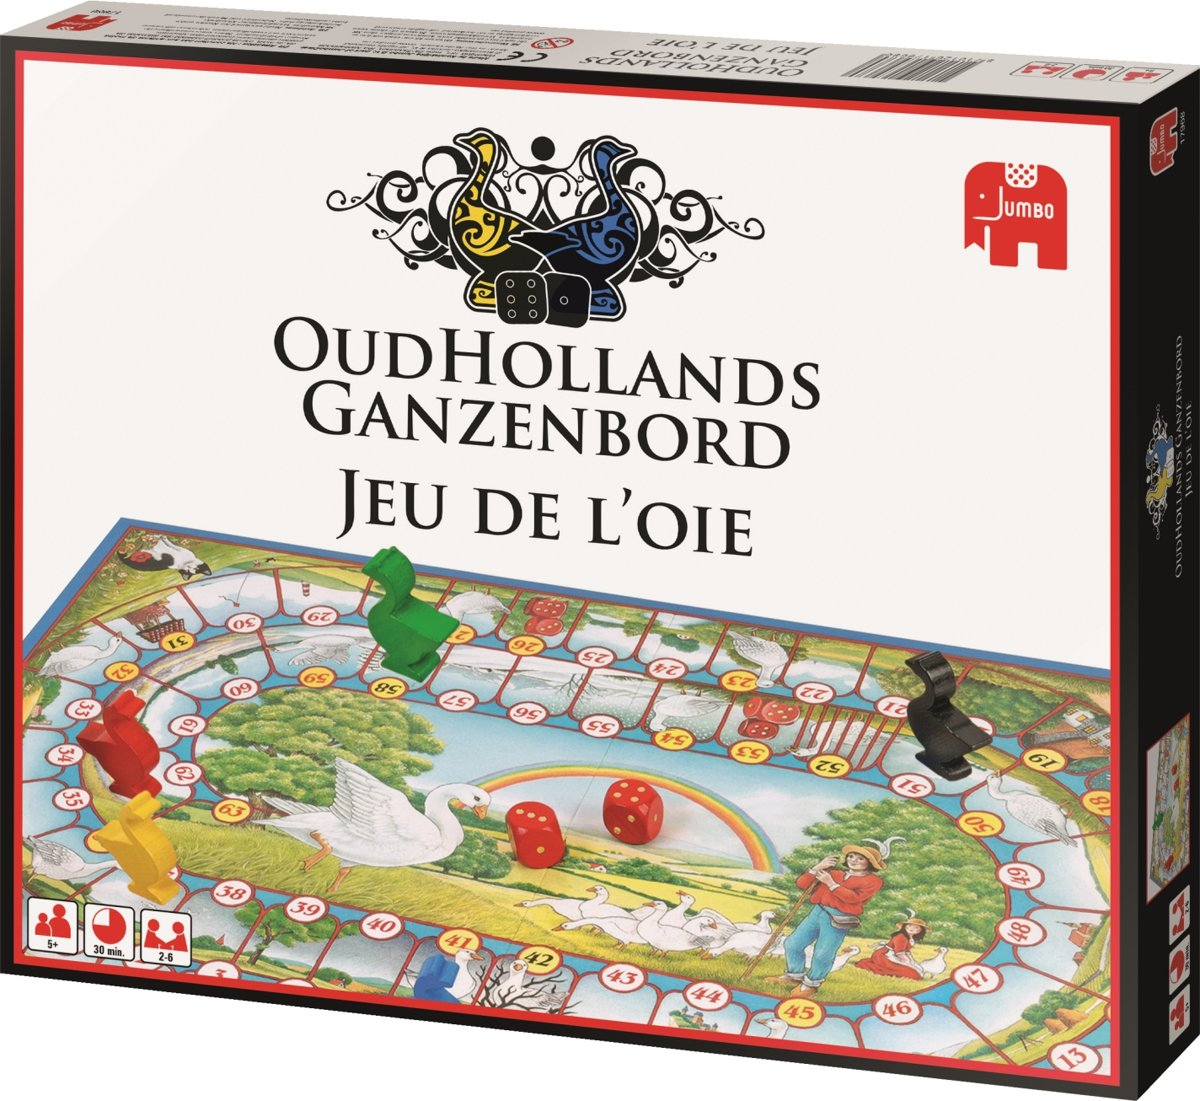 Ganzenbord NL/FR - Bordspel